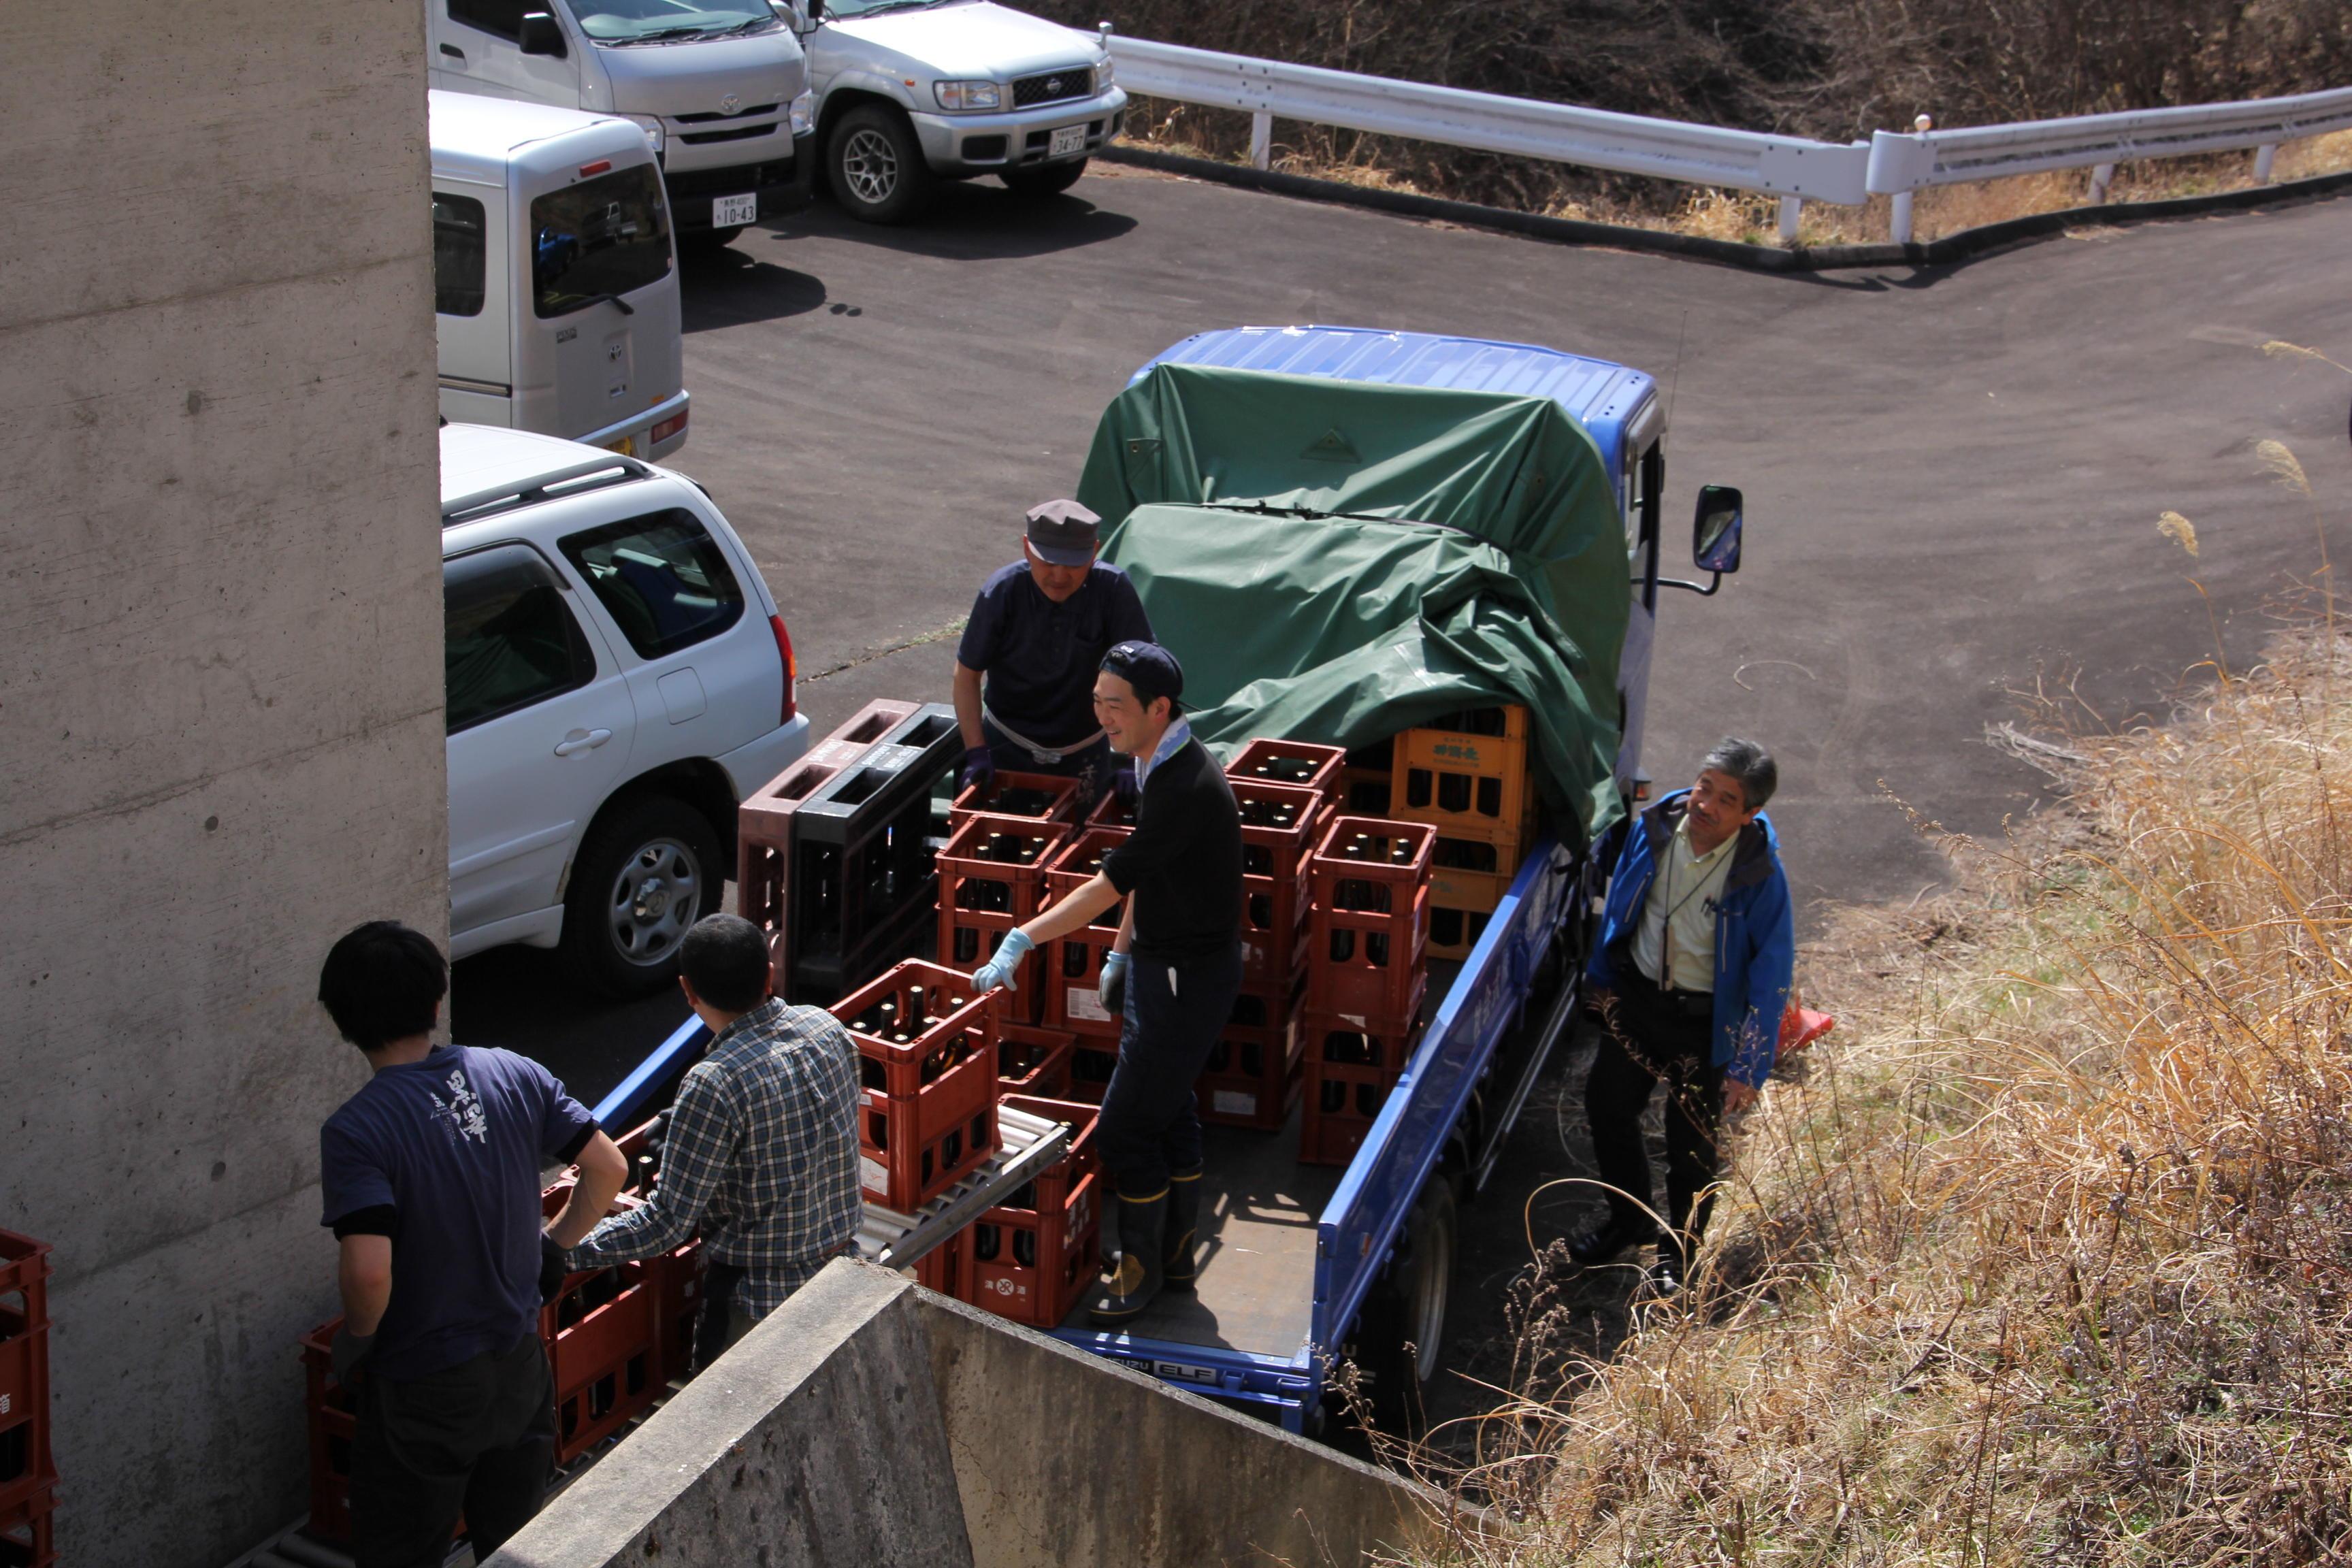 古谷ダム・余地ダムで日本酒の貯蔵実験が始まりました